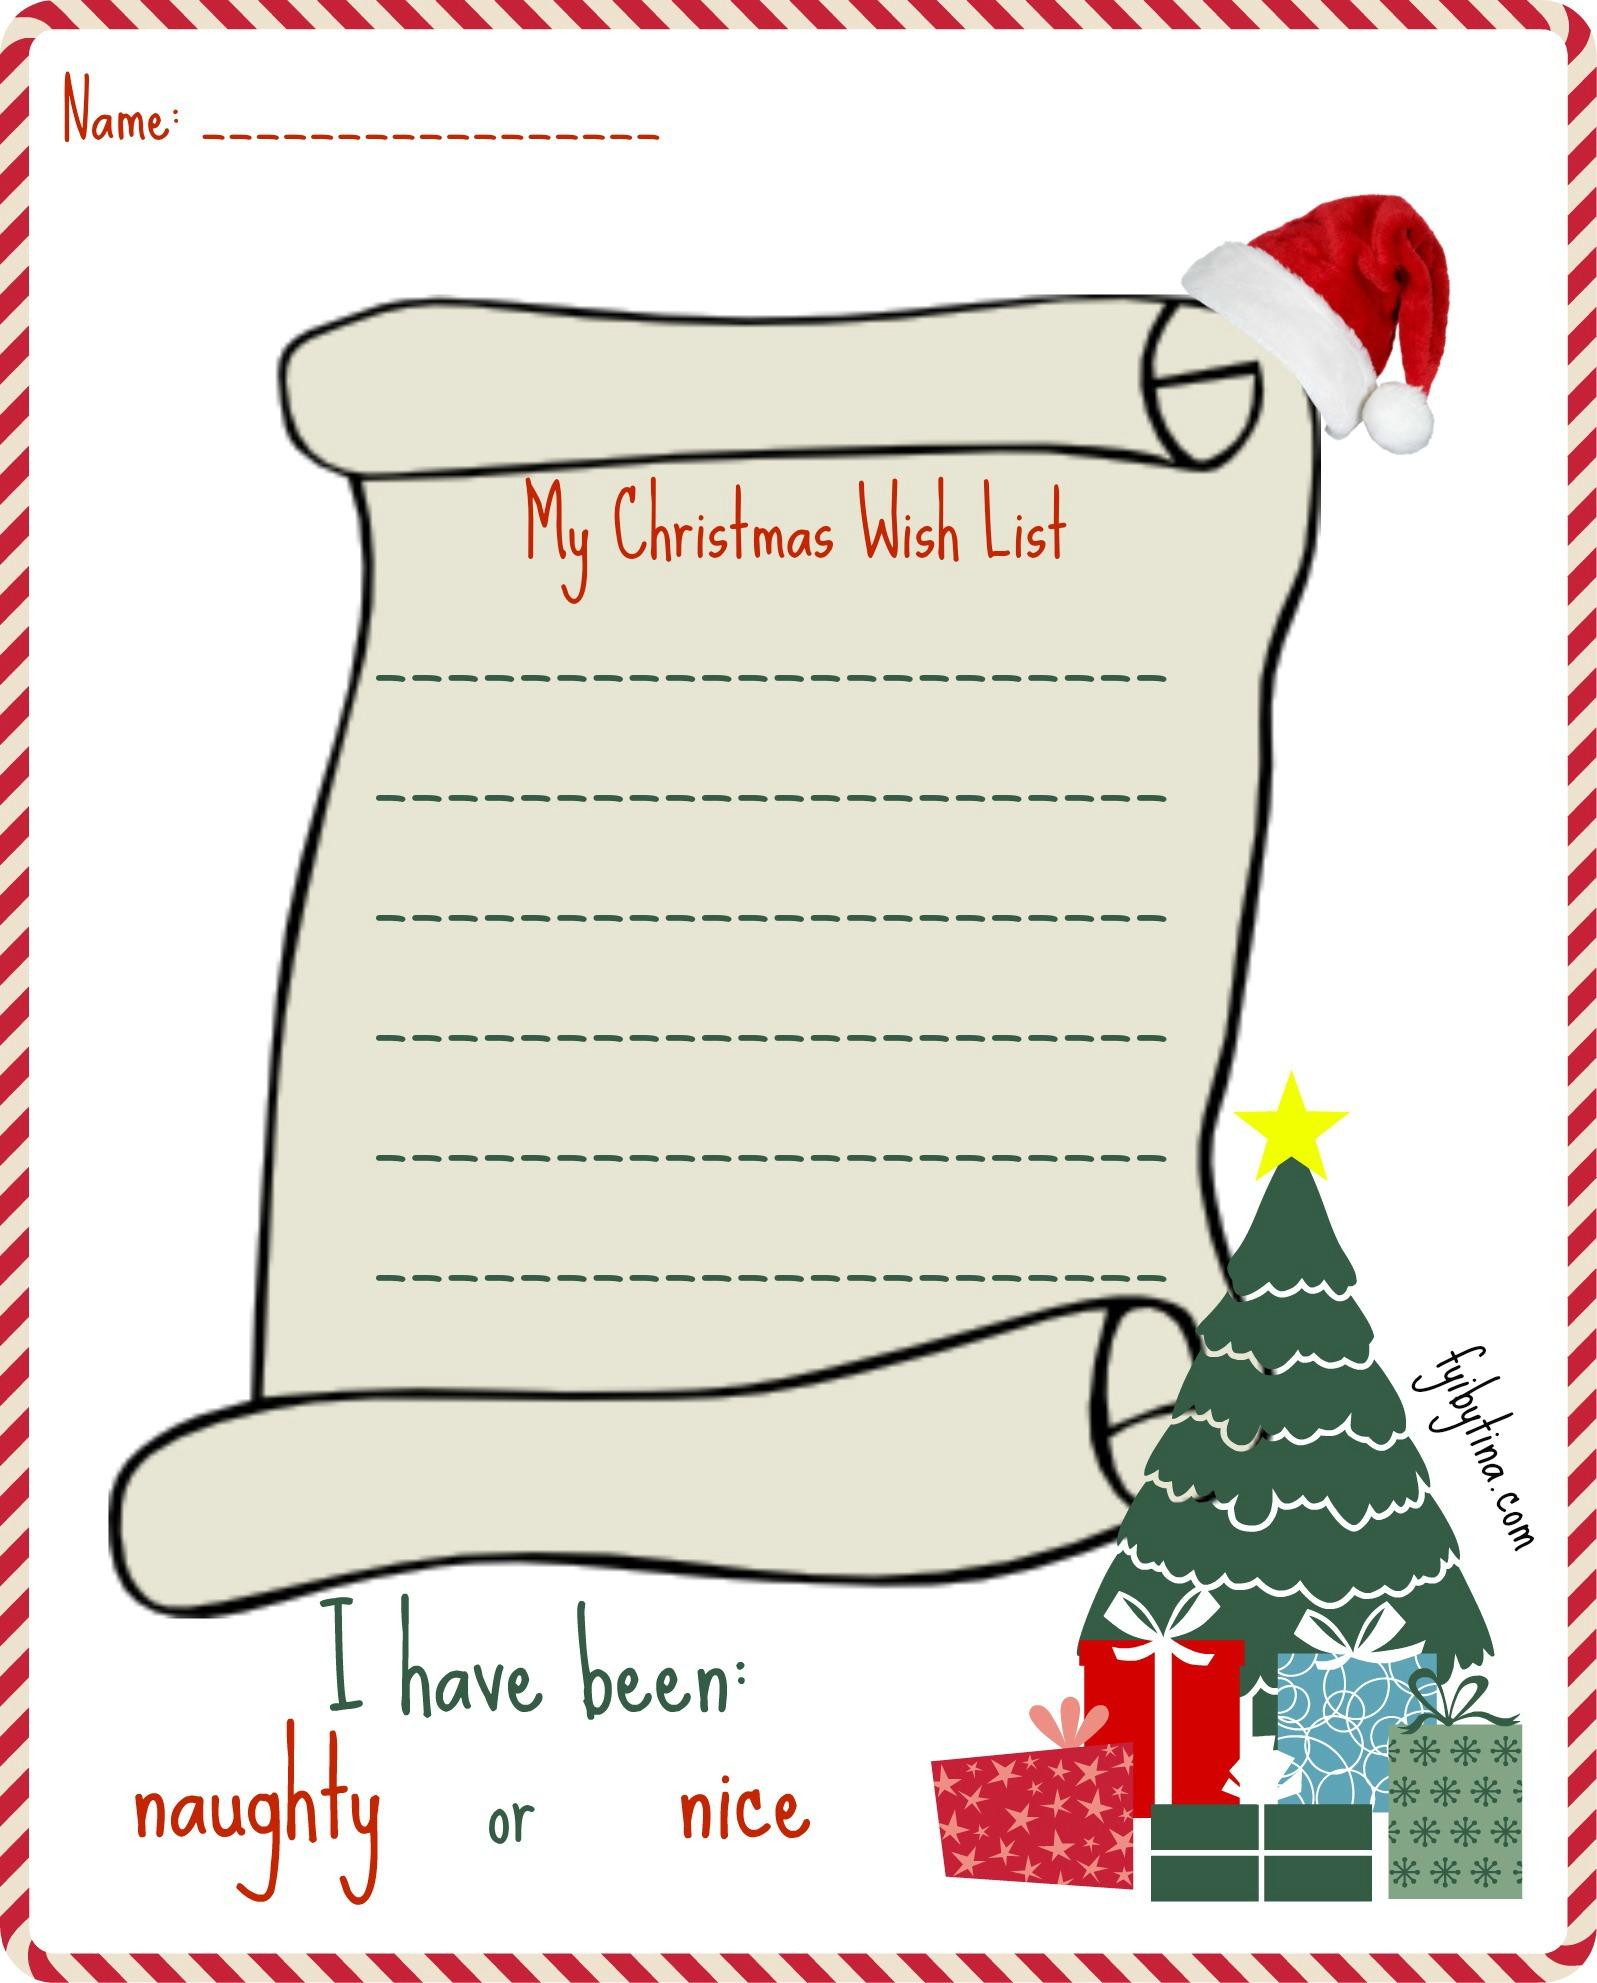 Printable My Christmas Wish List For Santa